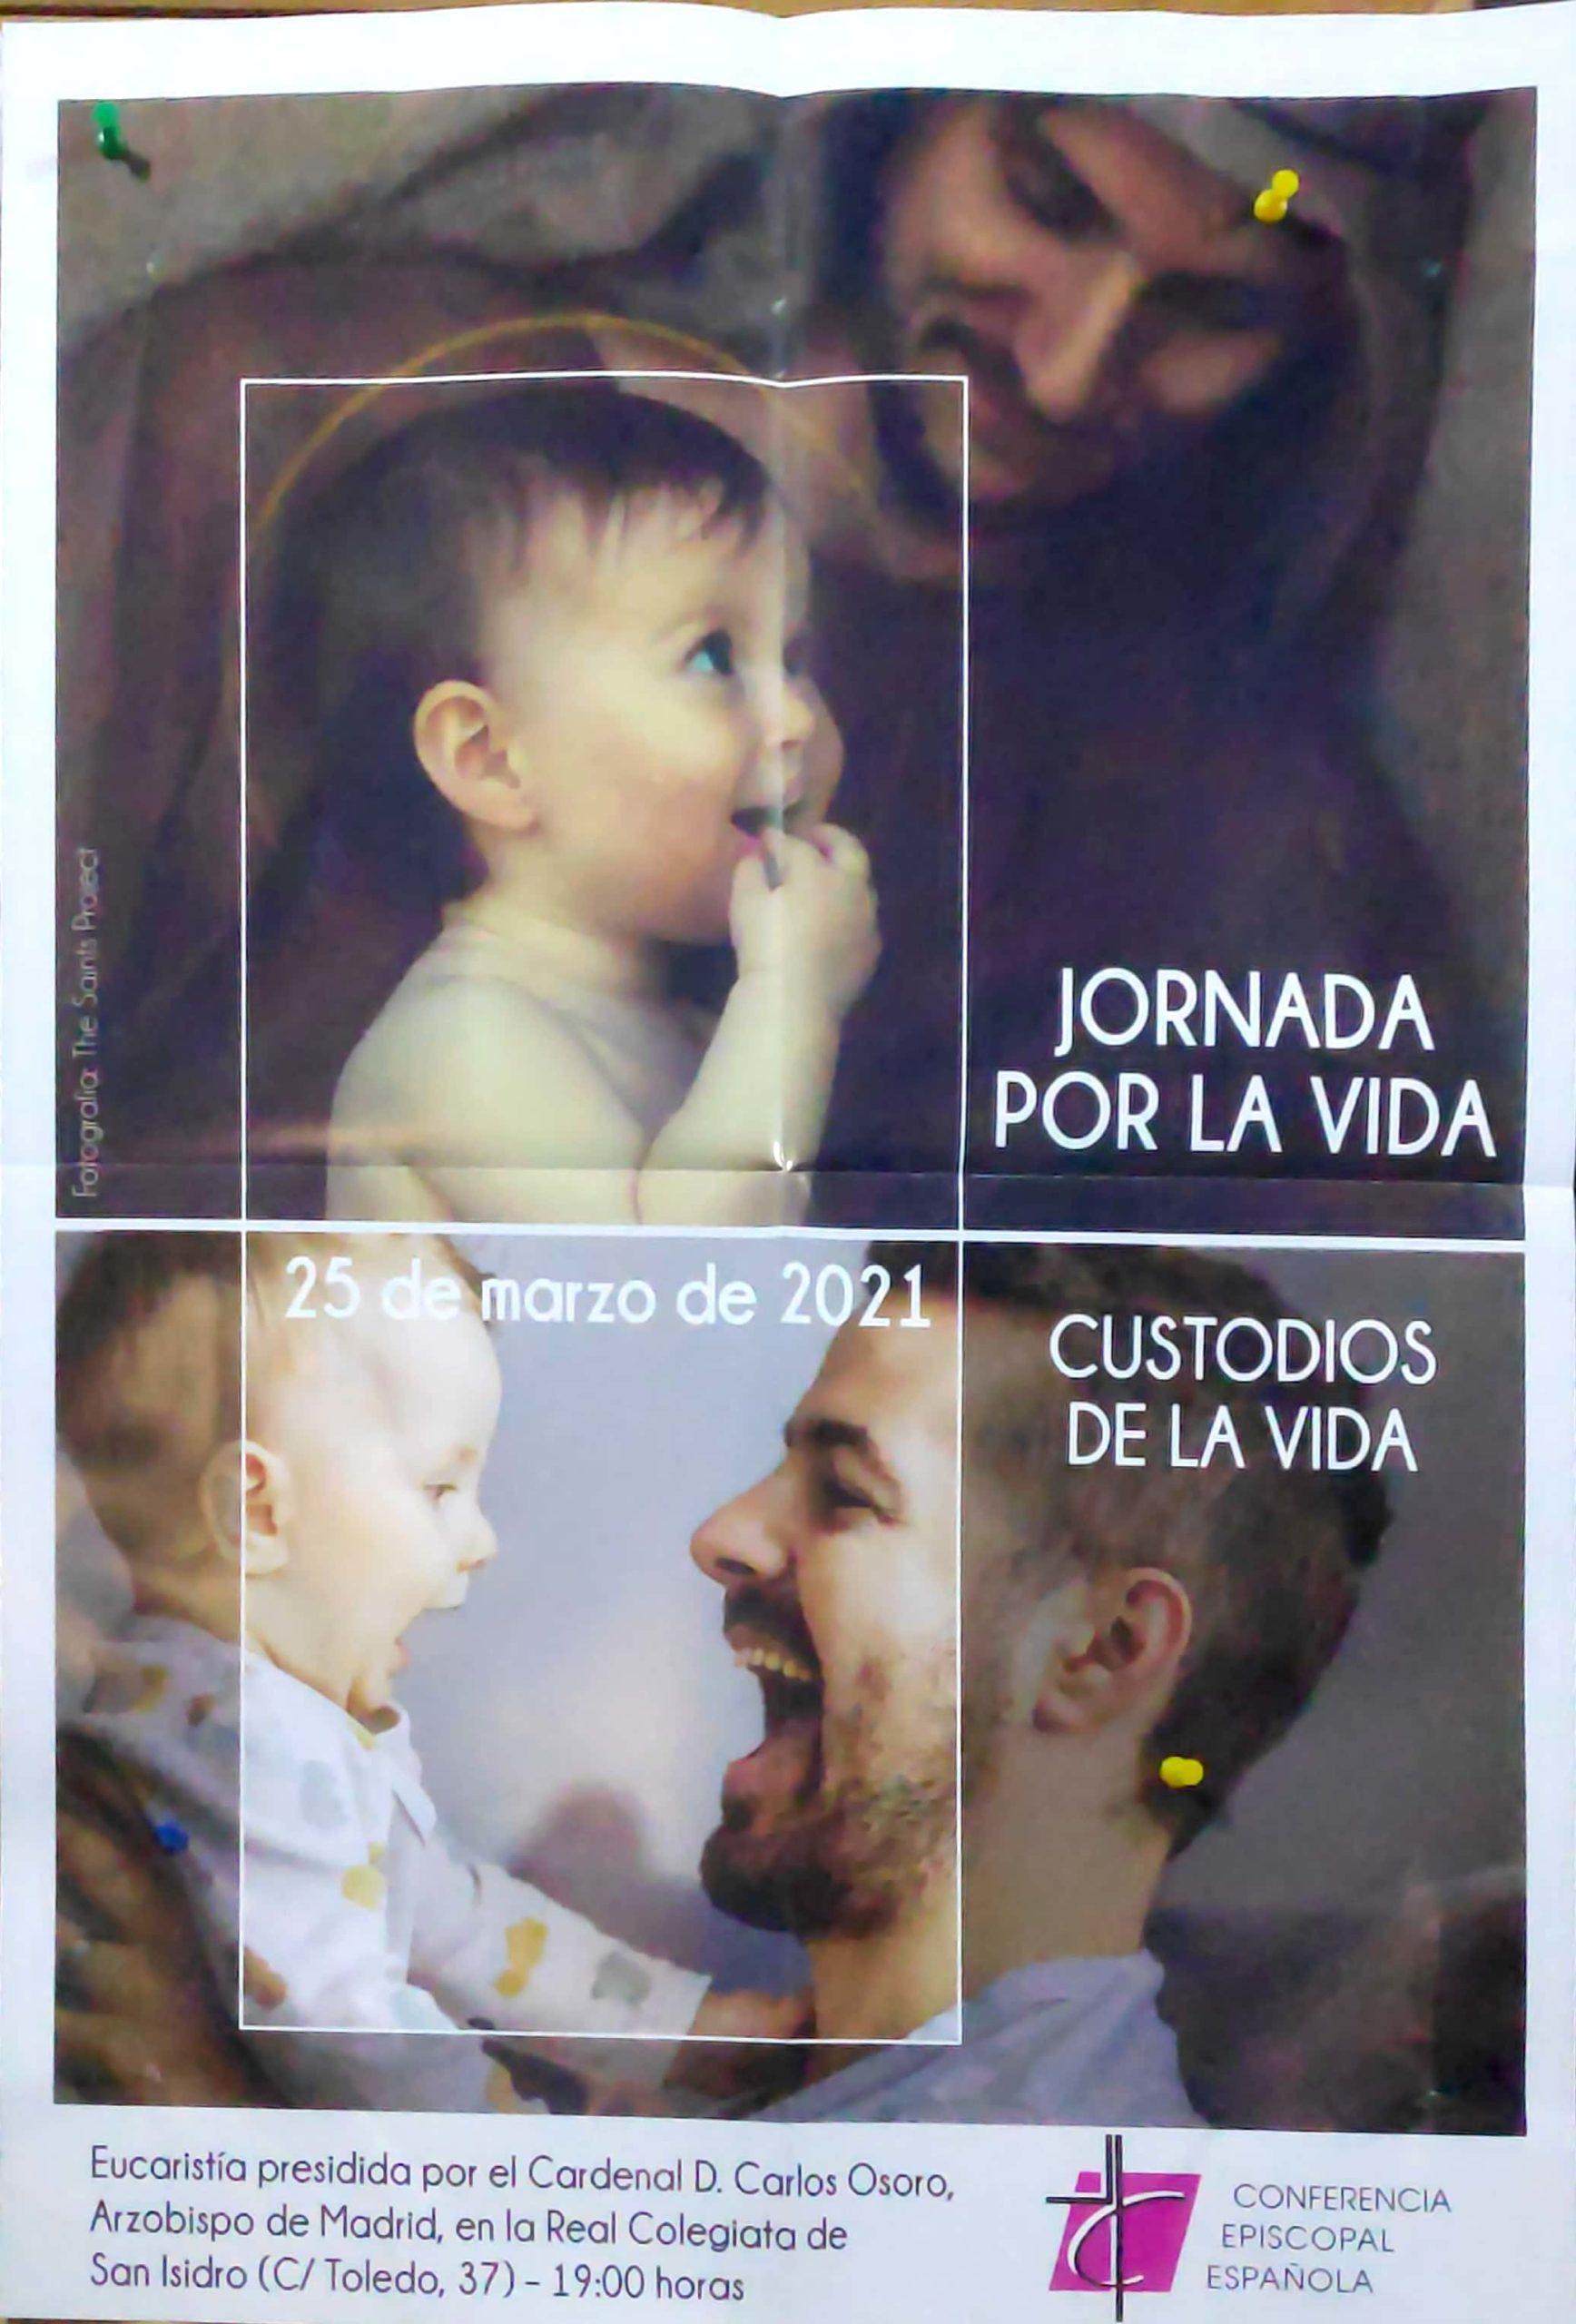 Jornada-por-la-vida-25-03-2021@pmillancayetano